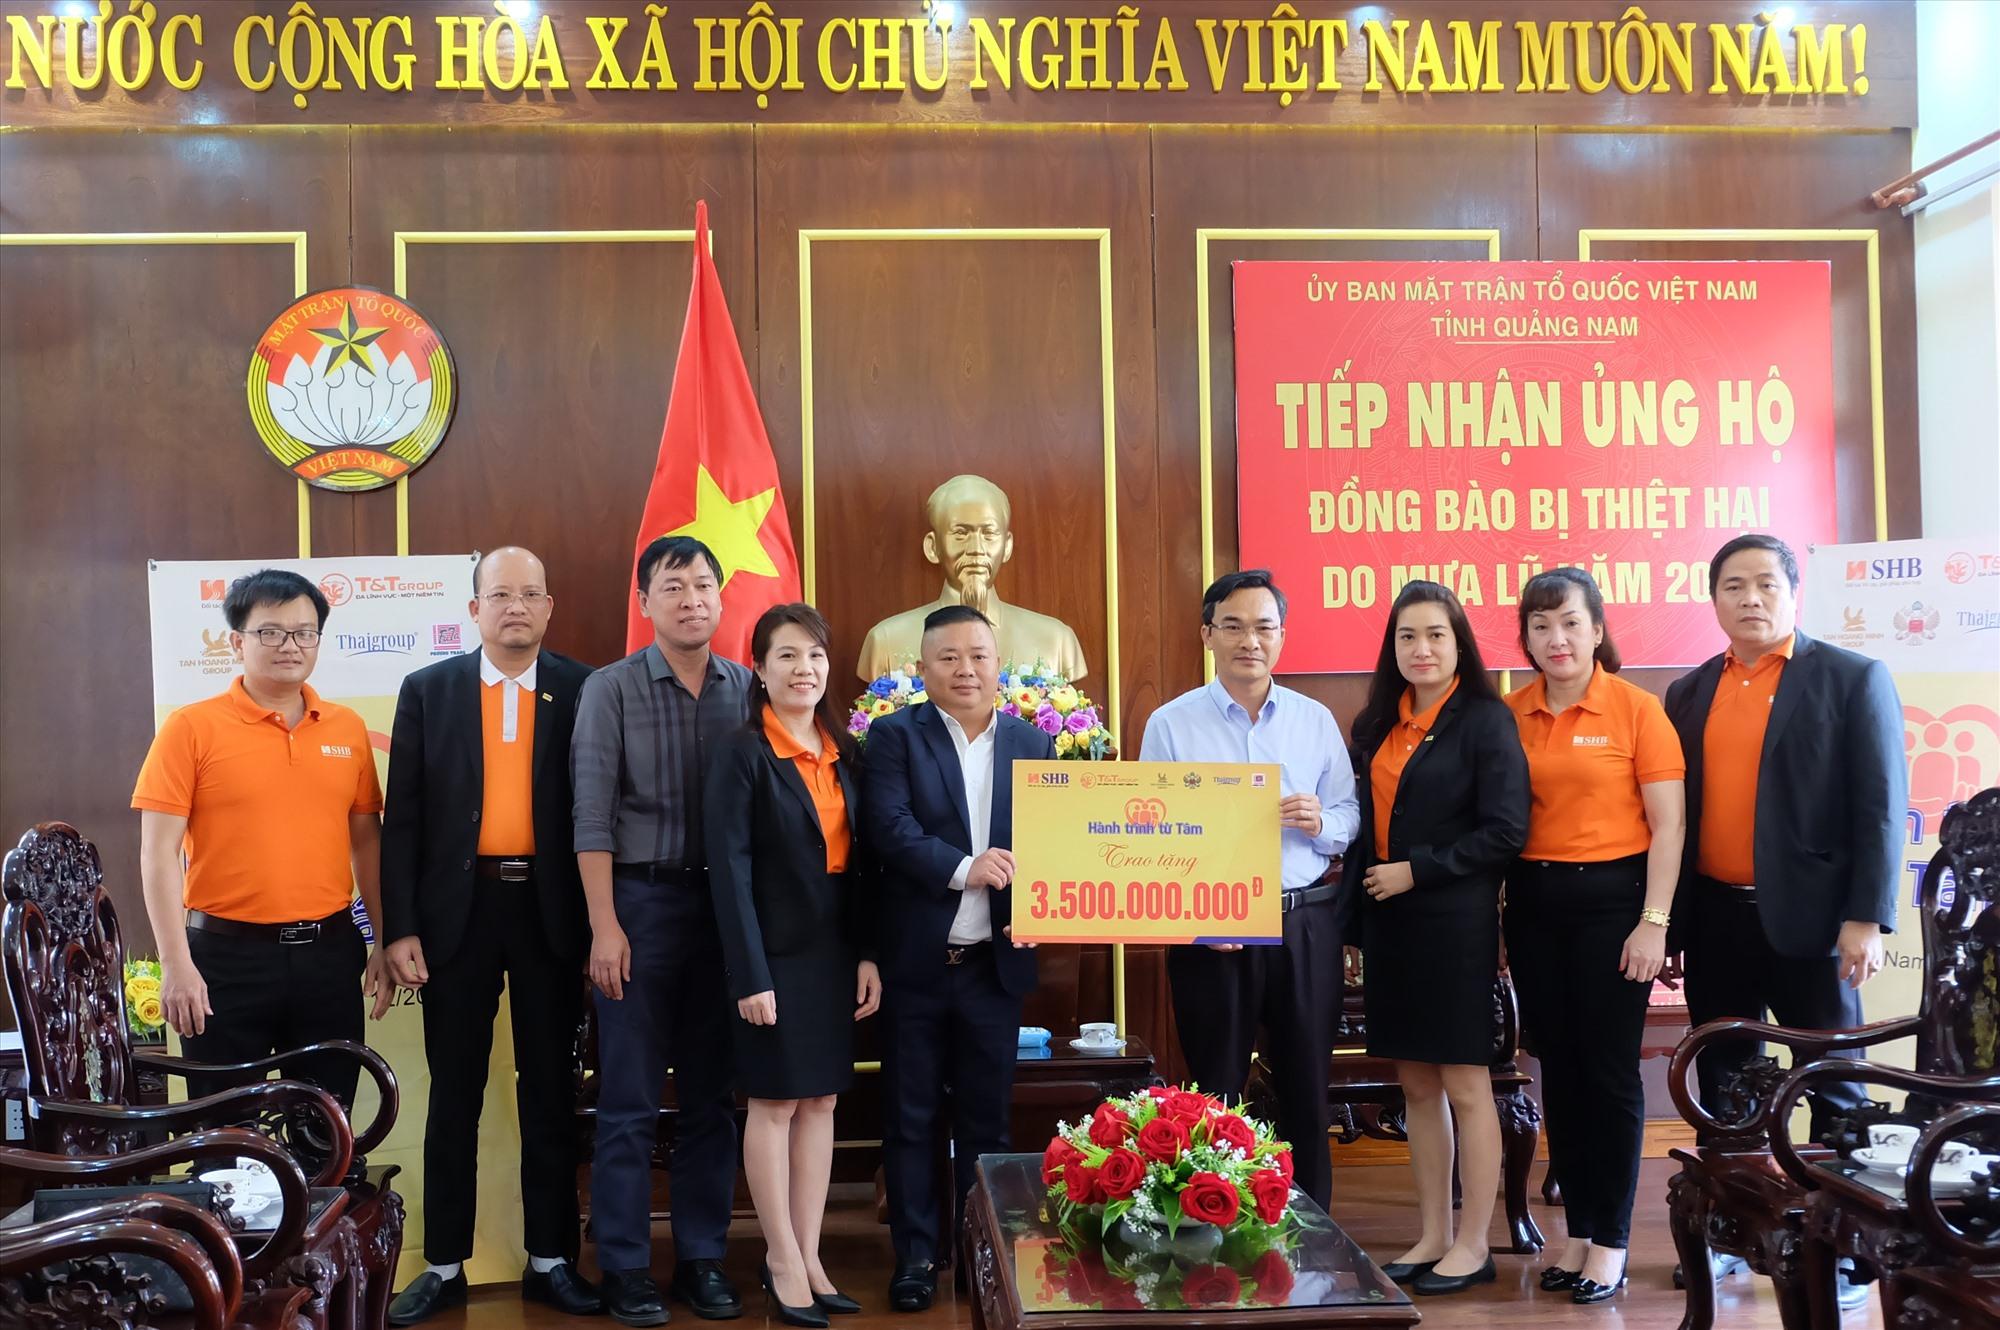 Chương trình Hành trình từ tâm trao tặng 3,5 tỷ đồng cho người dân Quảng Nam khắc phục hậu quả thiên tai. Ảnh: M.L